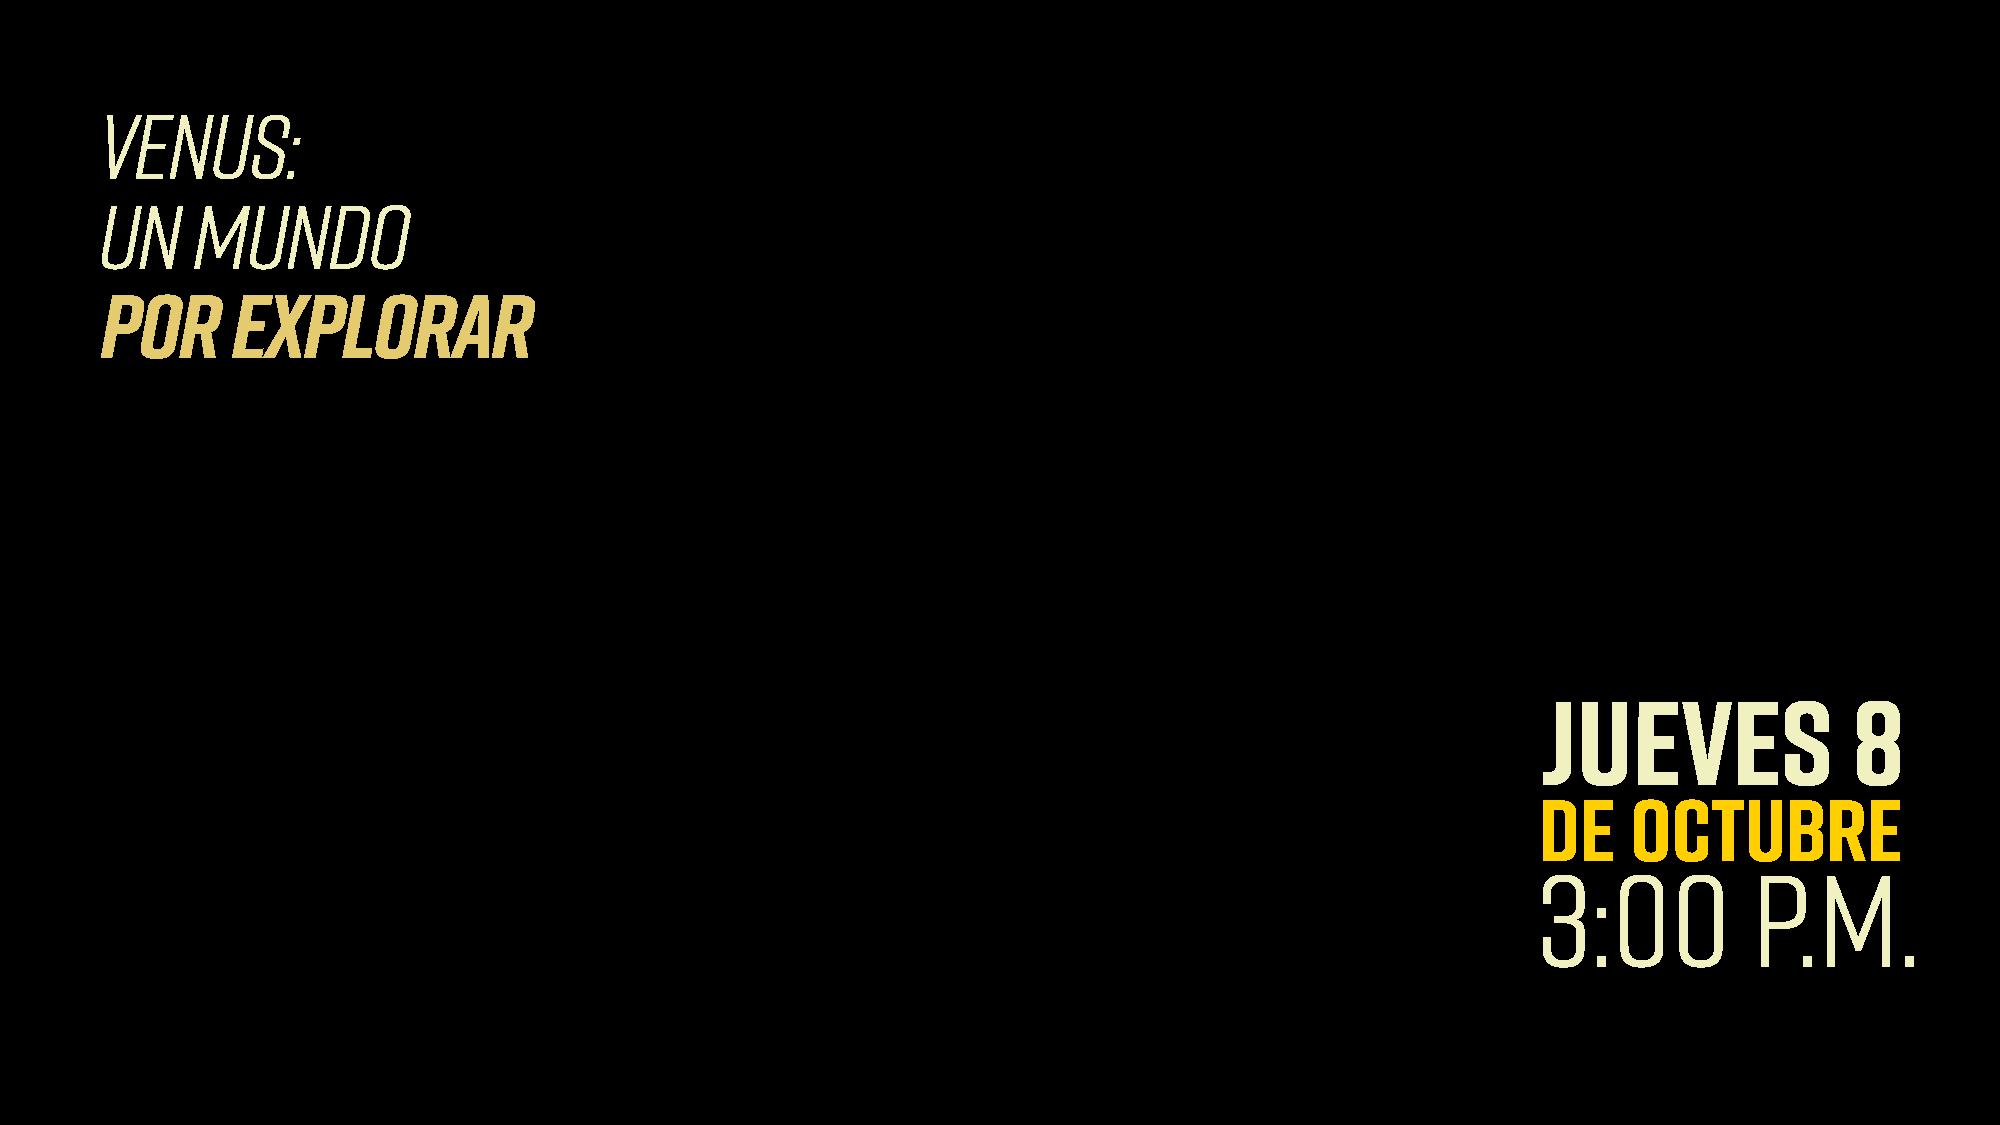 banner-Planetario-venus-un-mundo-por-explorar-texto.png